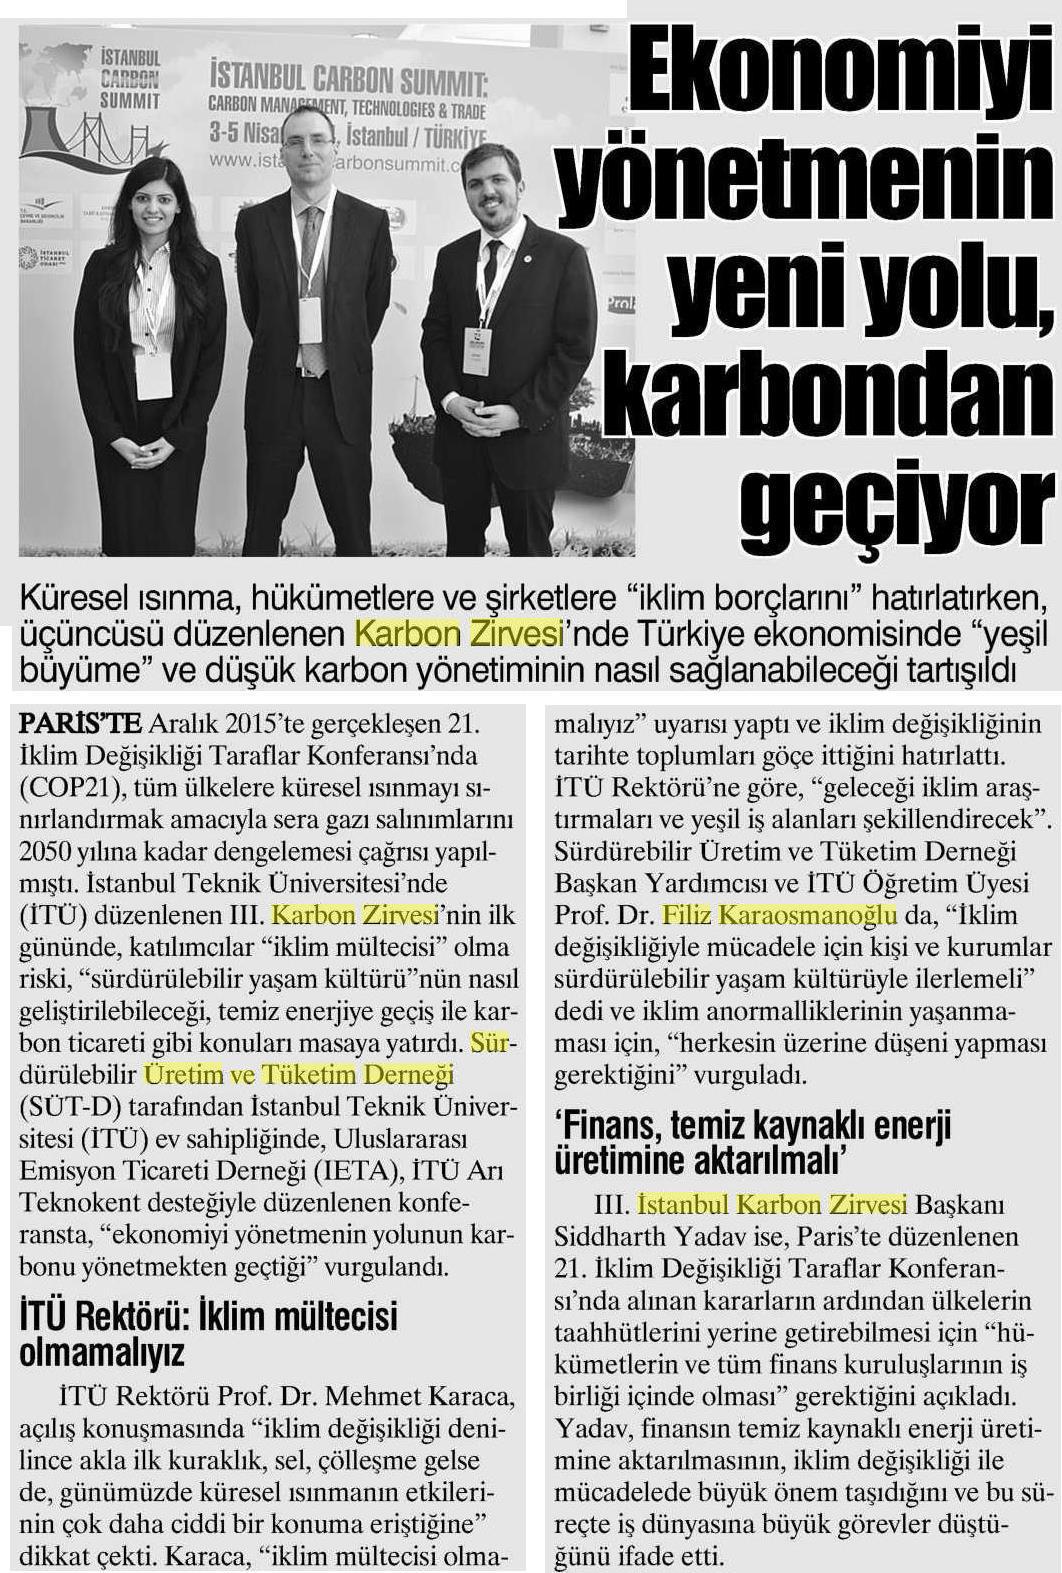 Yurt Gazetesi 16.04.2016